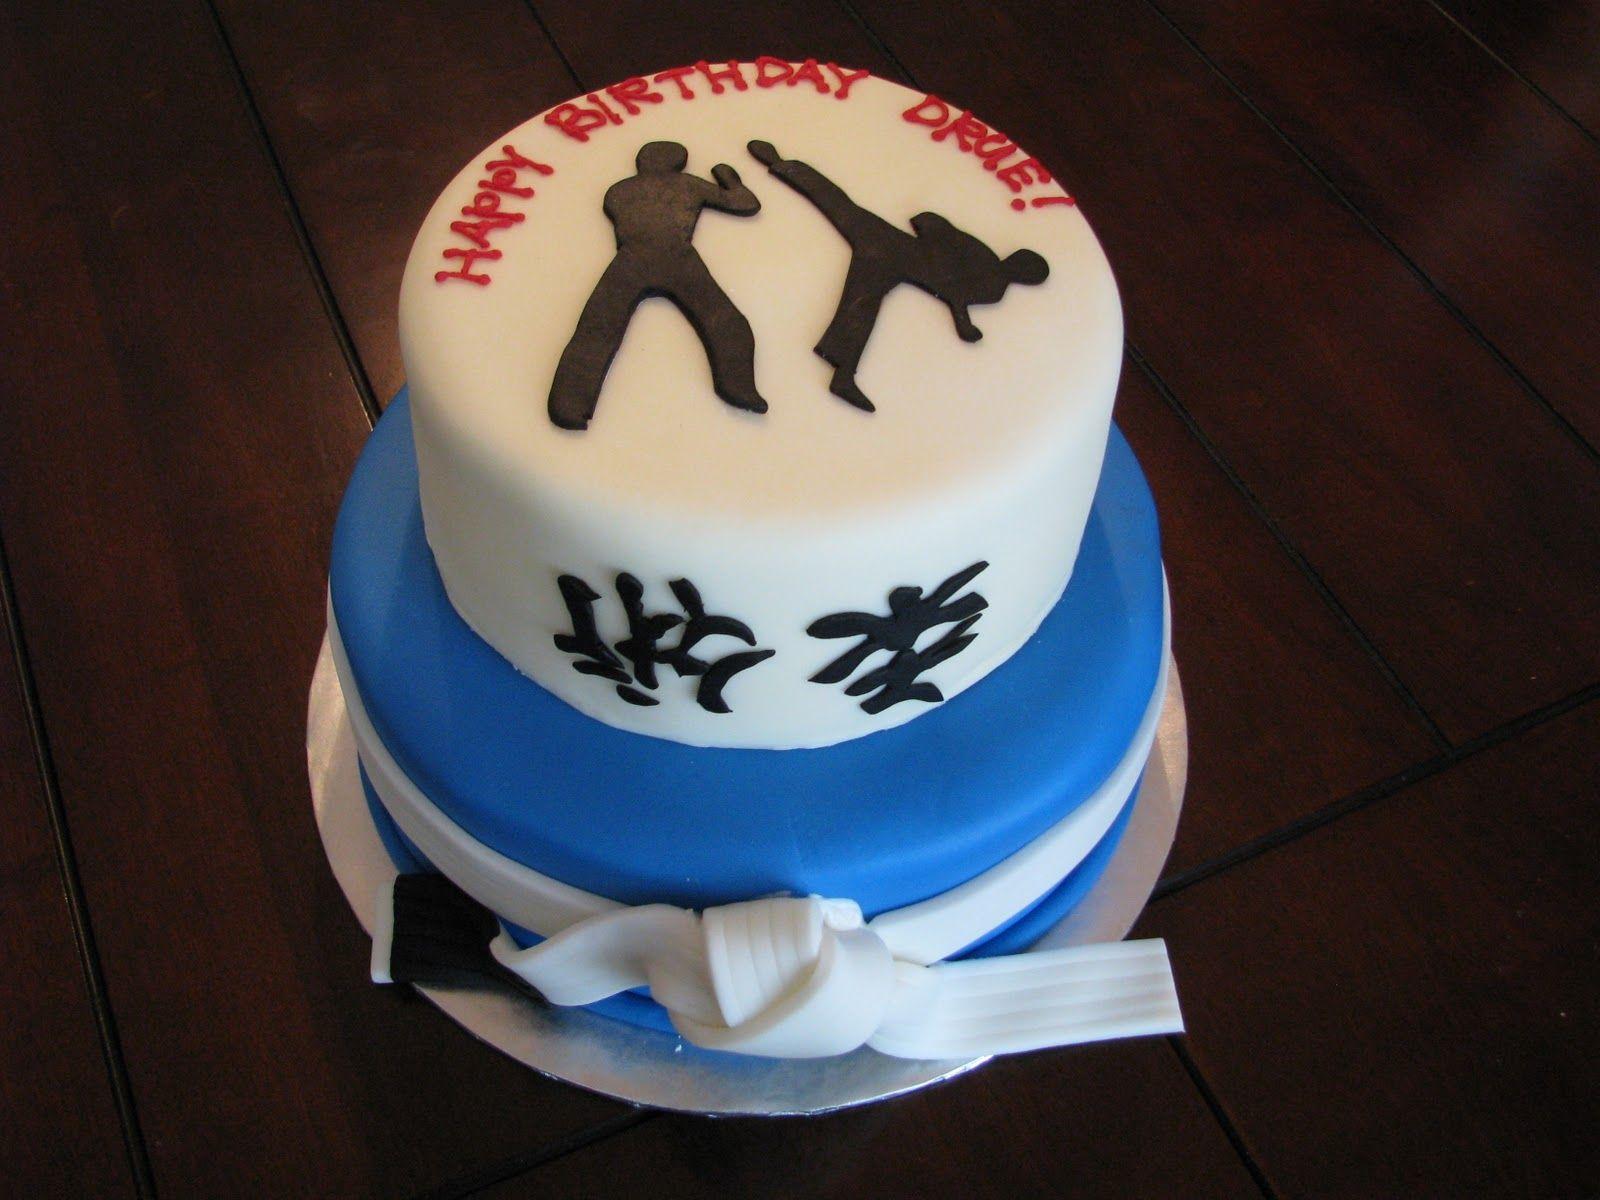 поздравить с днем рождения кикбоксера масштаба рианны